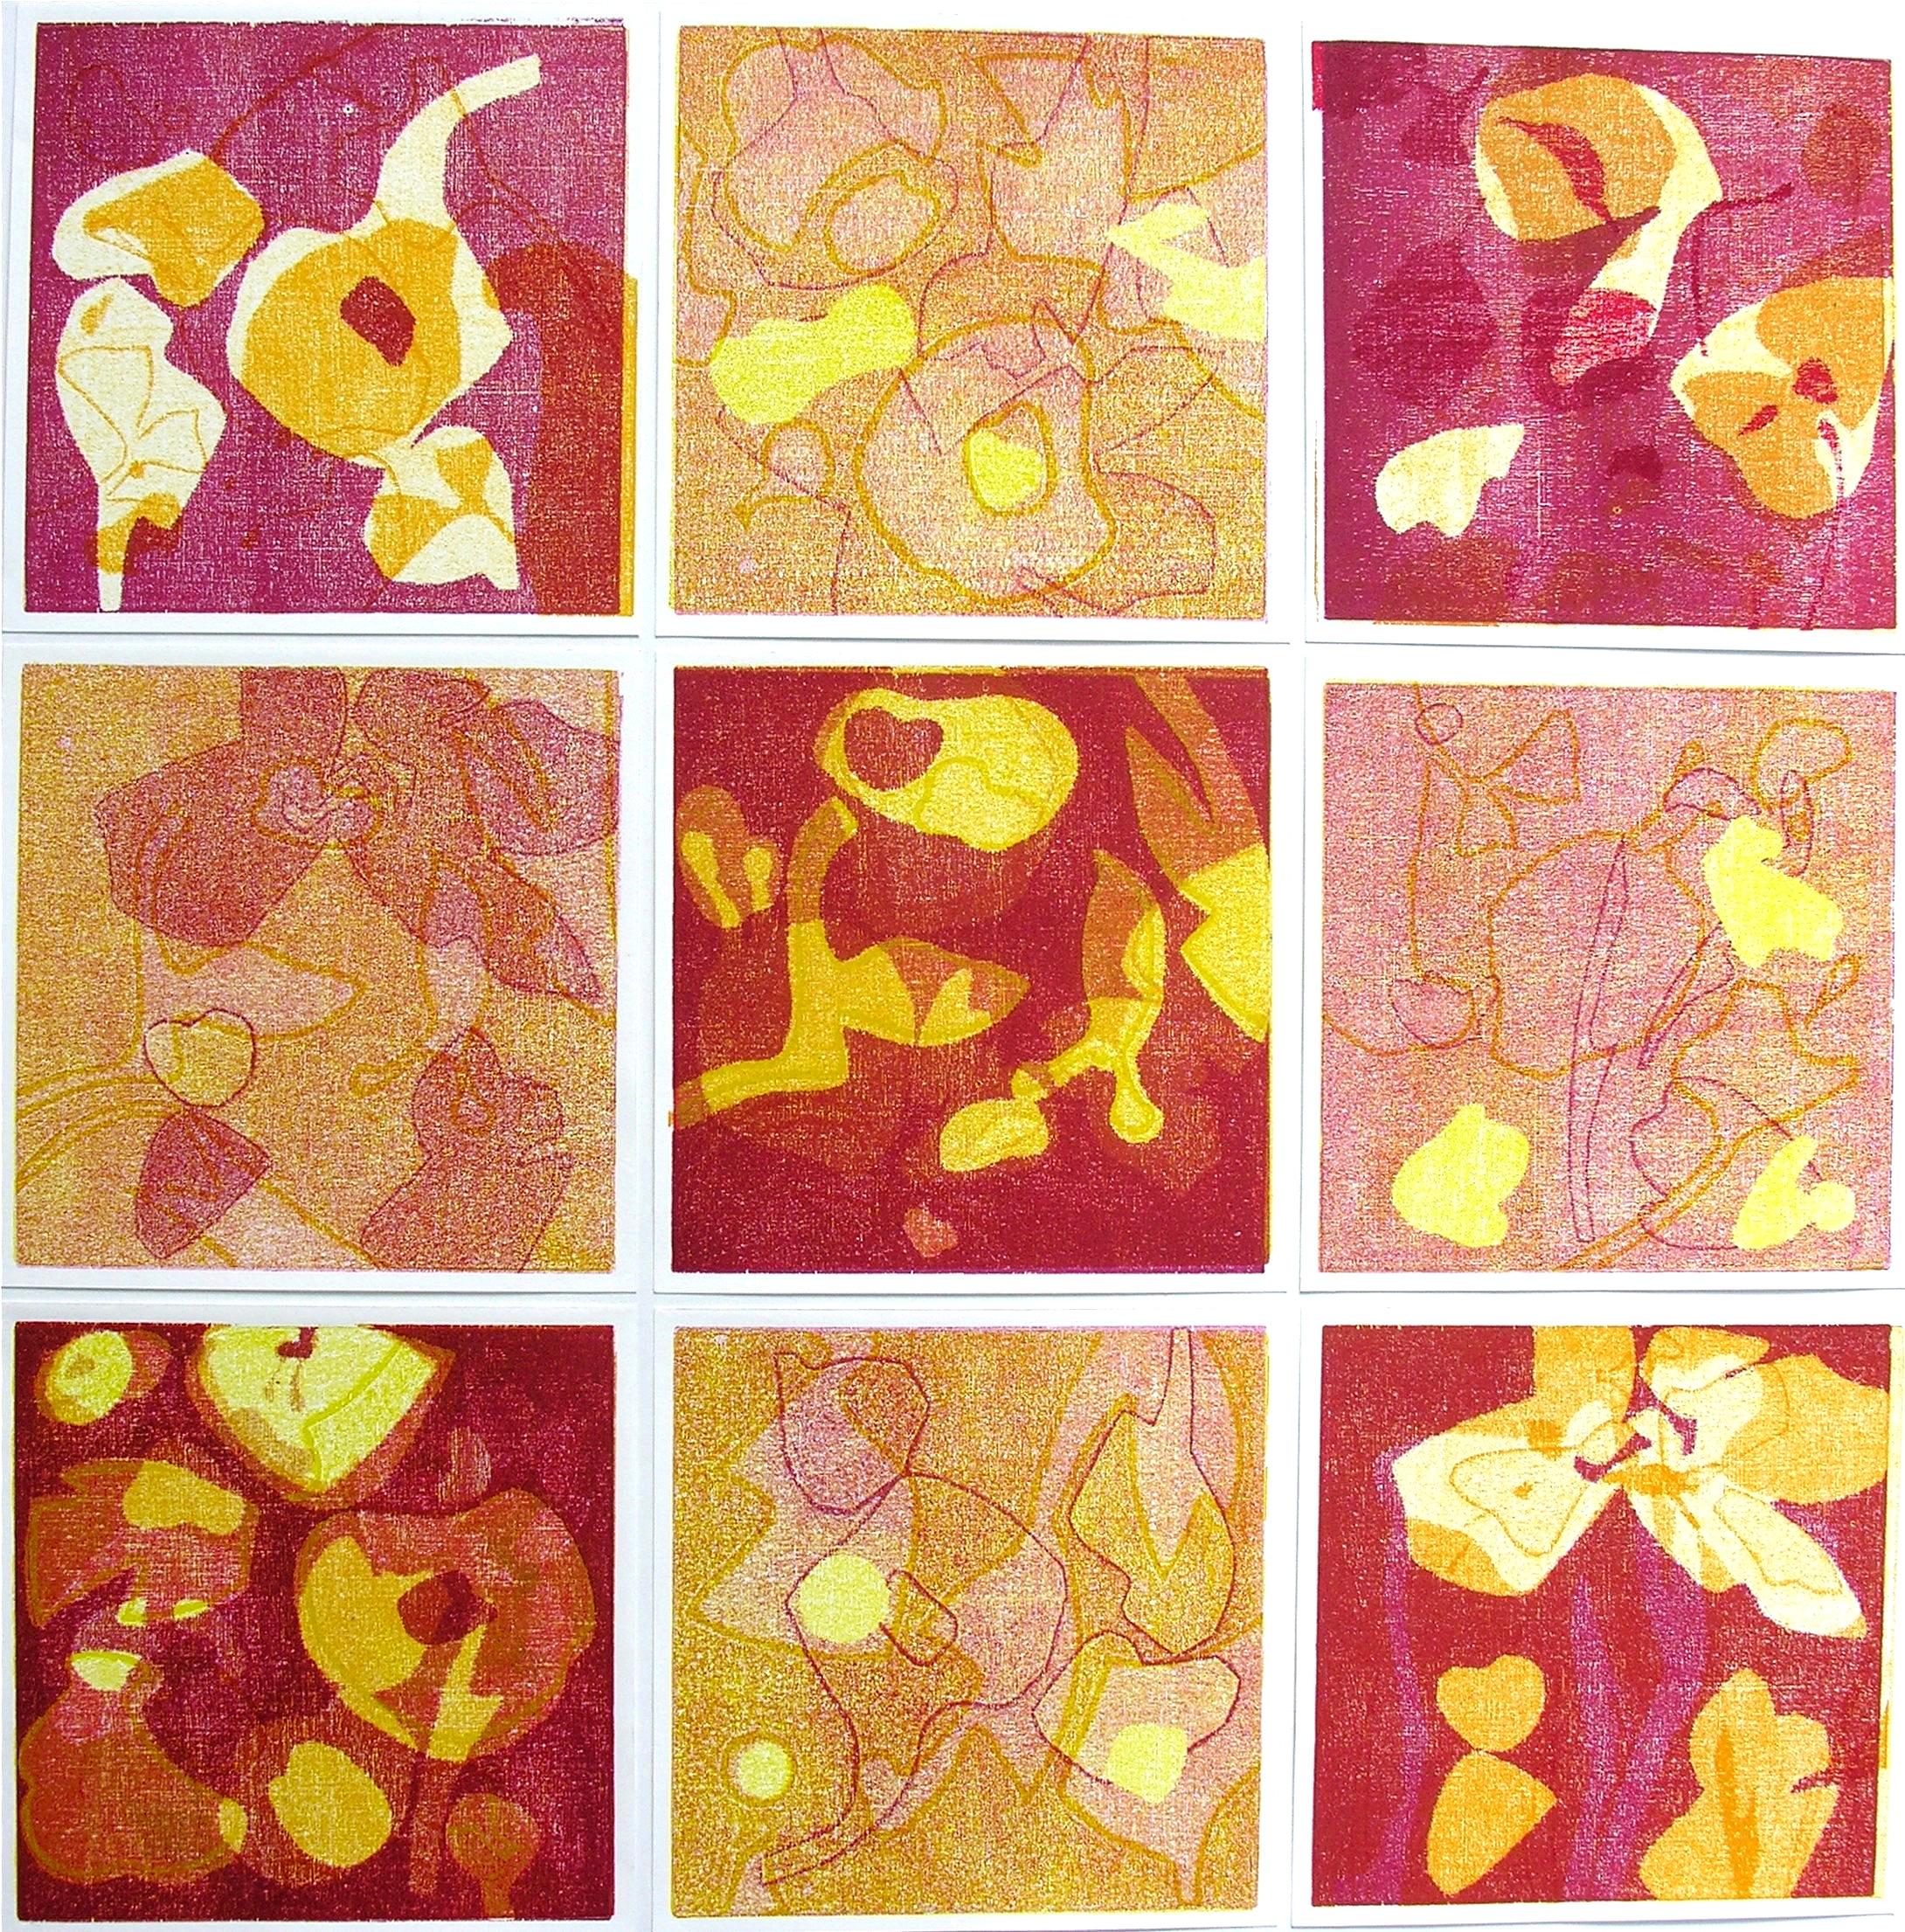 541 9 er Collage